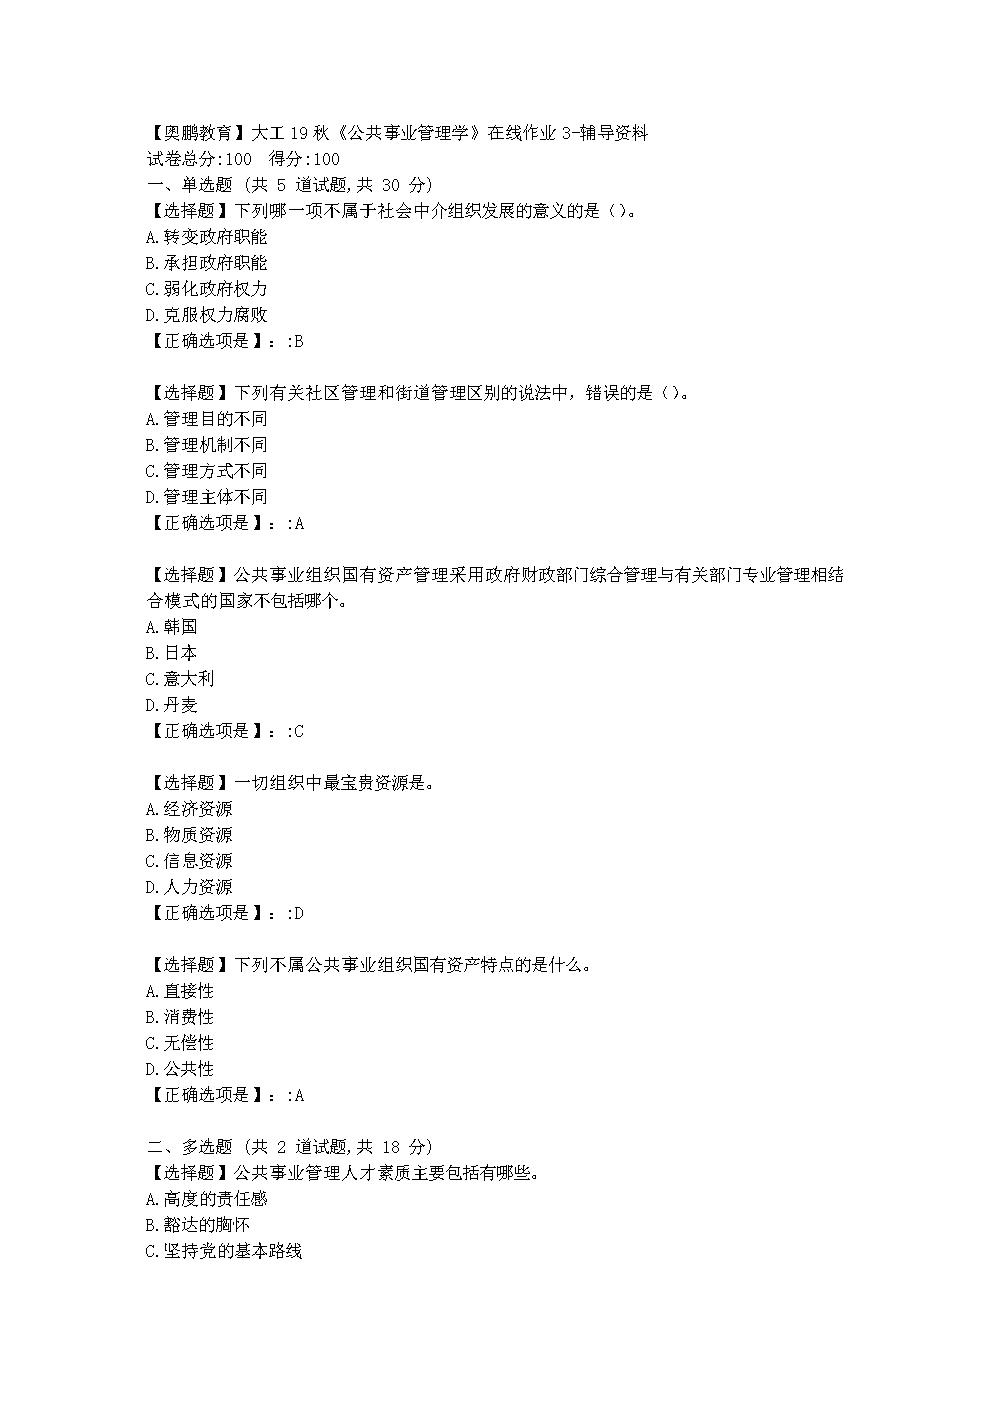 大连理工大学19秋《公共事业管理学》在线作业3学习资料.doc